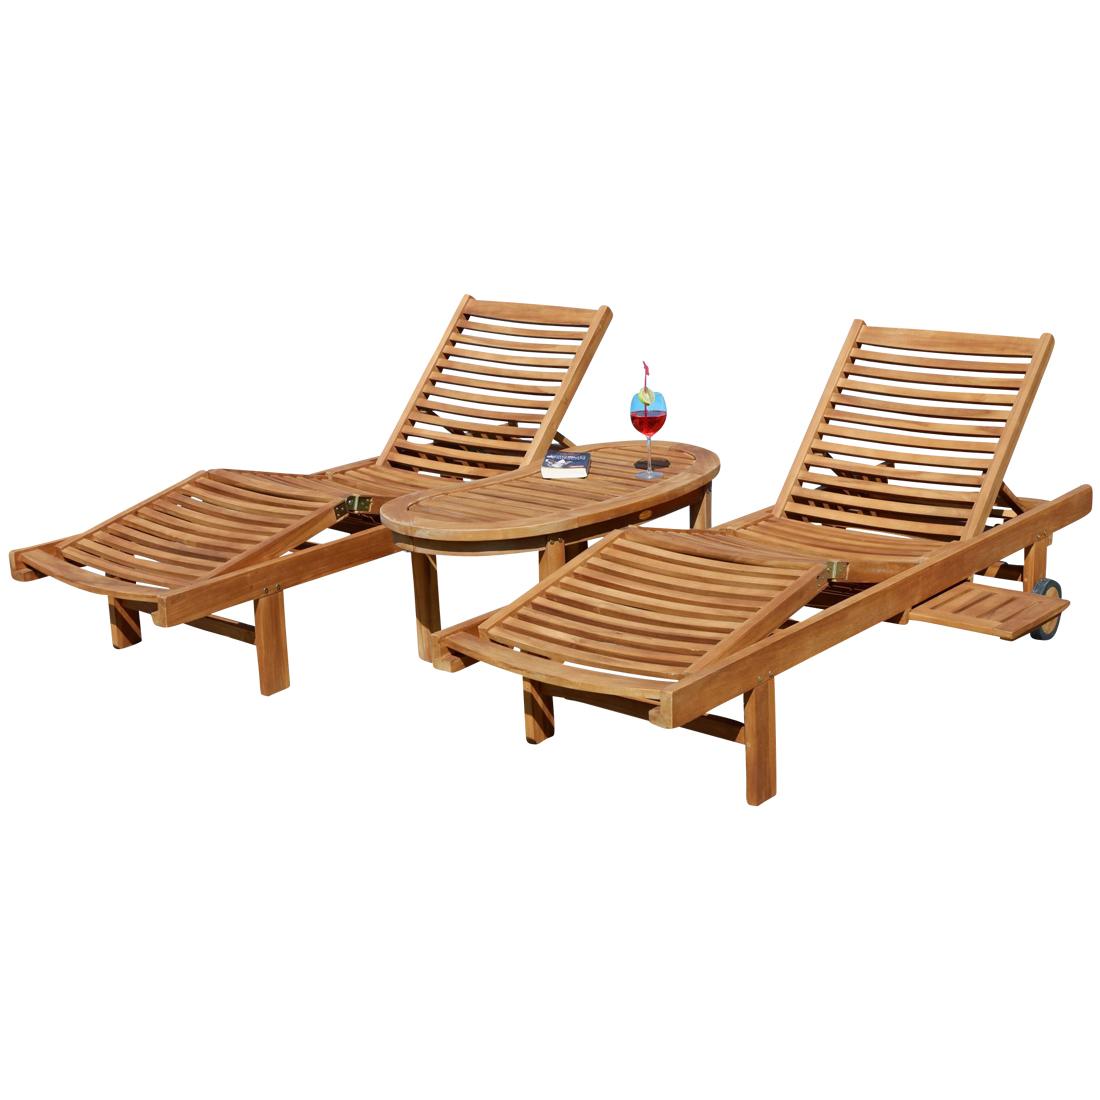 Full Size of Liegestuhl Holz 2hochwertige Teak Sonnenliege Gartenliege Strandliege Esstisch Massivholz Ausziehbar Bett Küche Modern Betten Holzbank Garten Sichtschutz Wohnzimmer Liegestuhl Holz